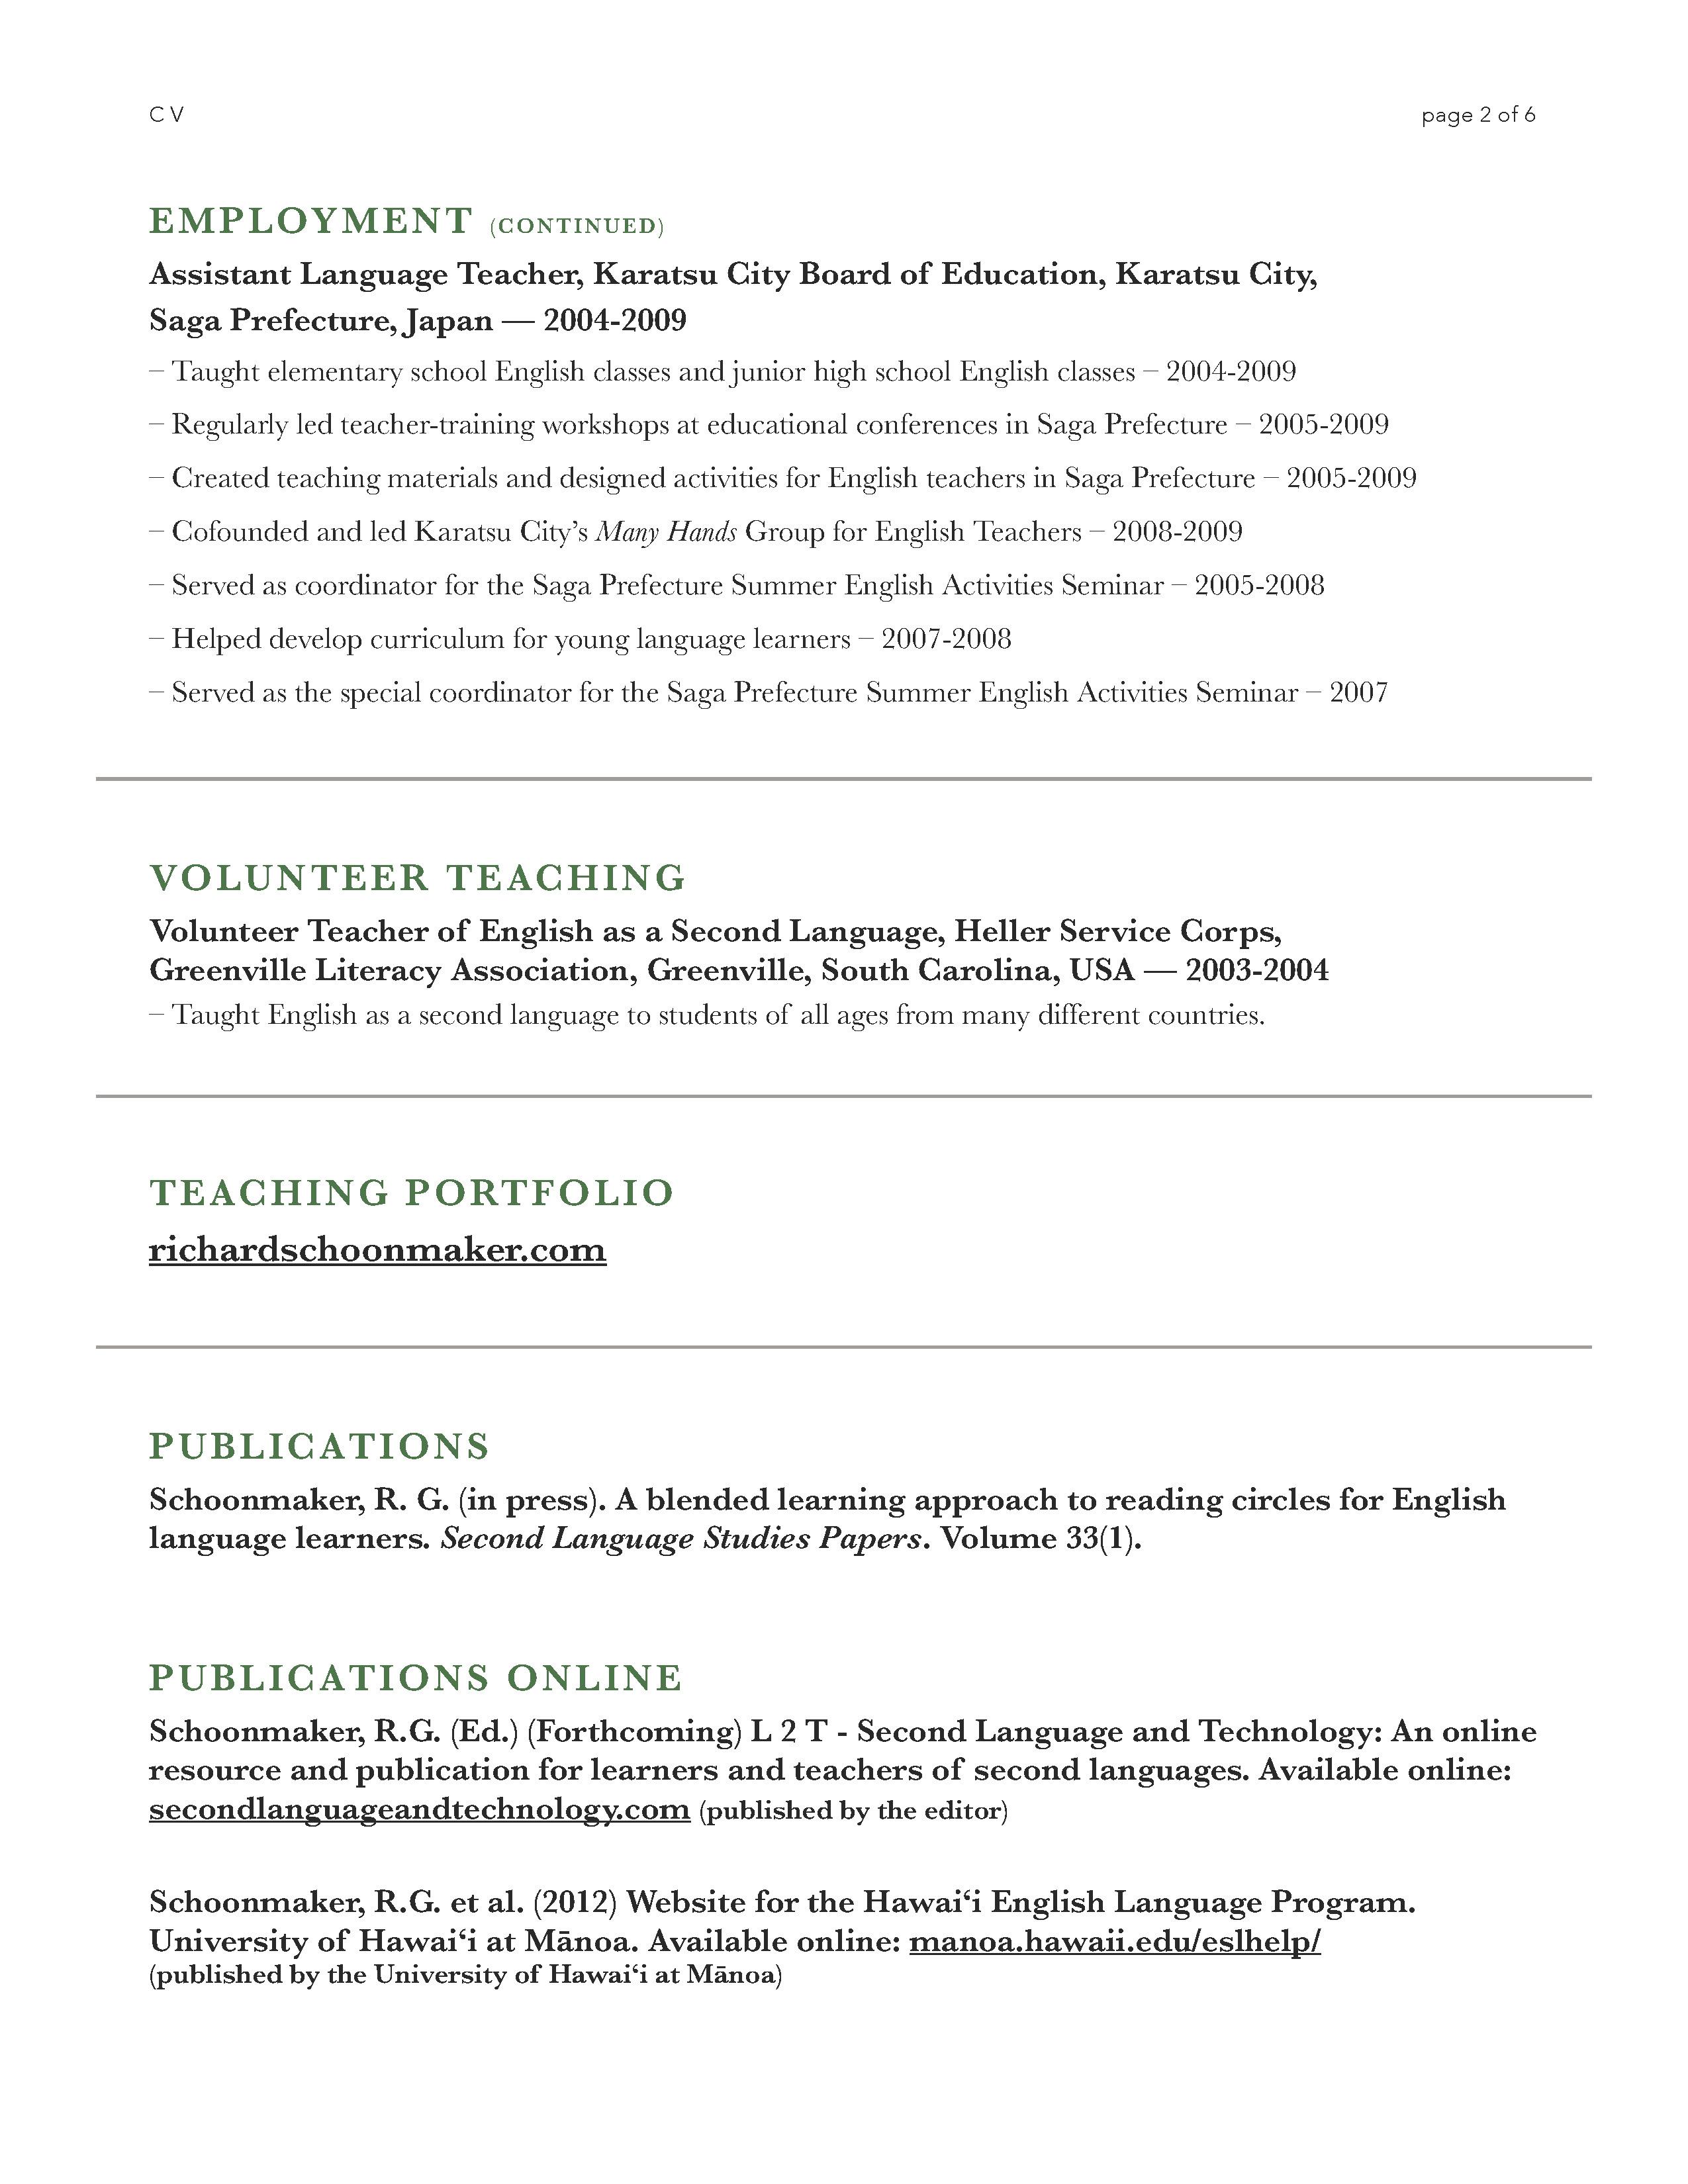 c v richard schoonmaker cv 5th 2014 page 2